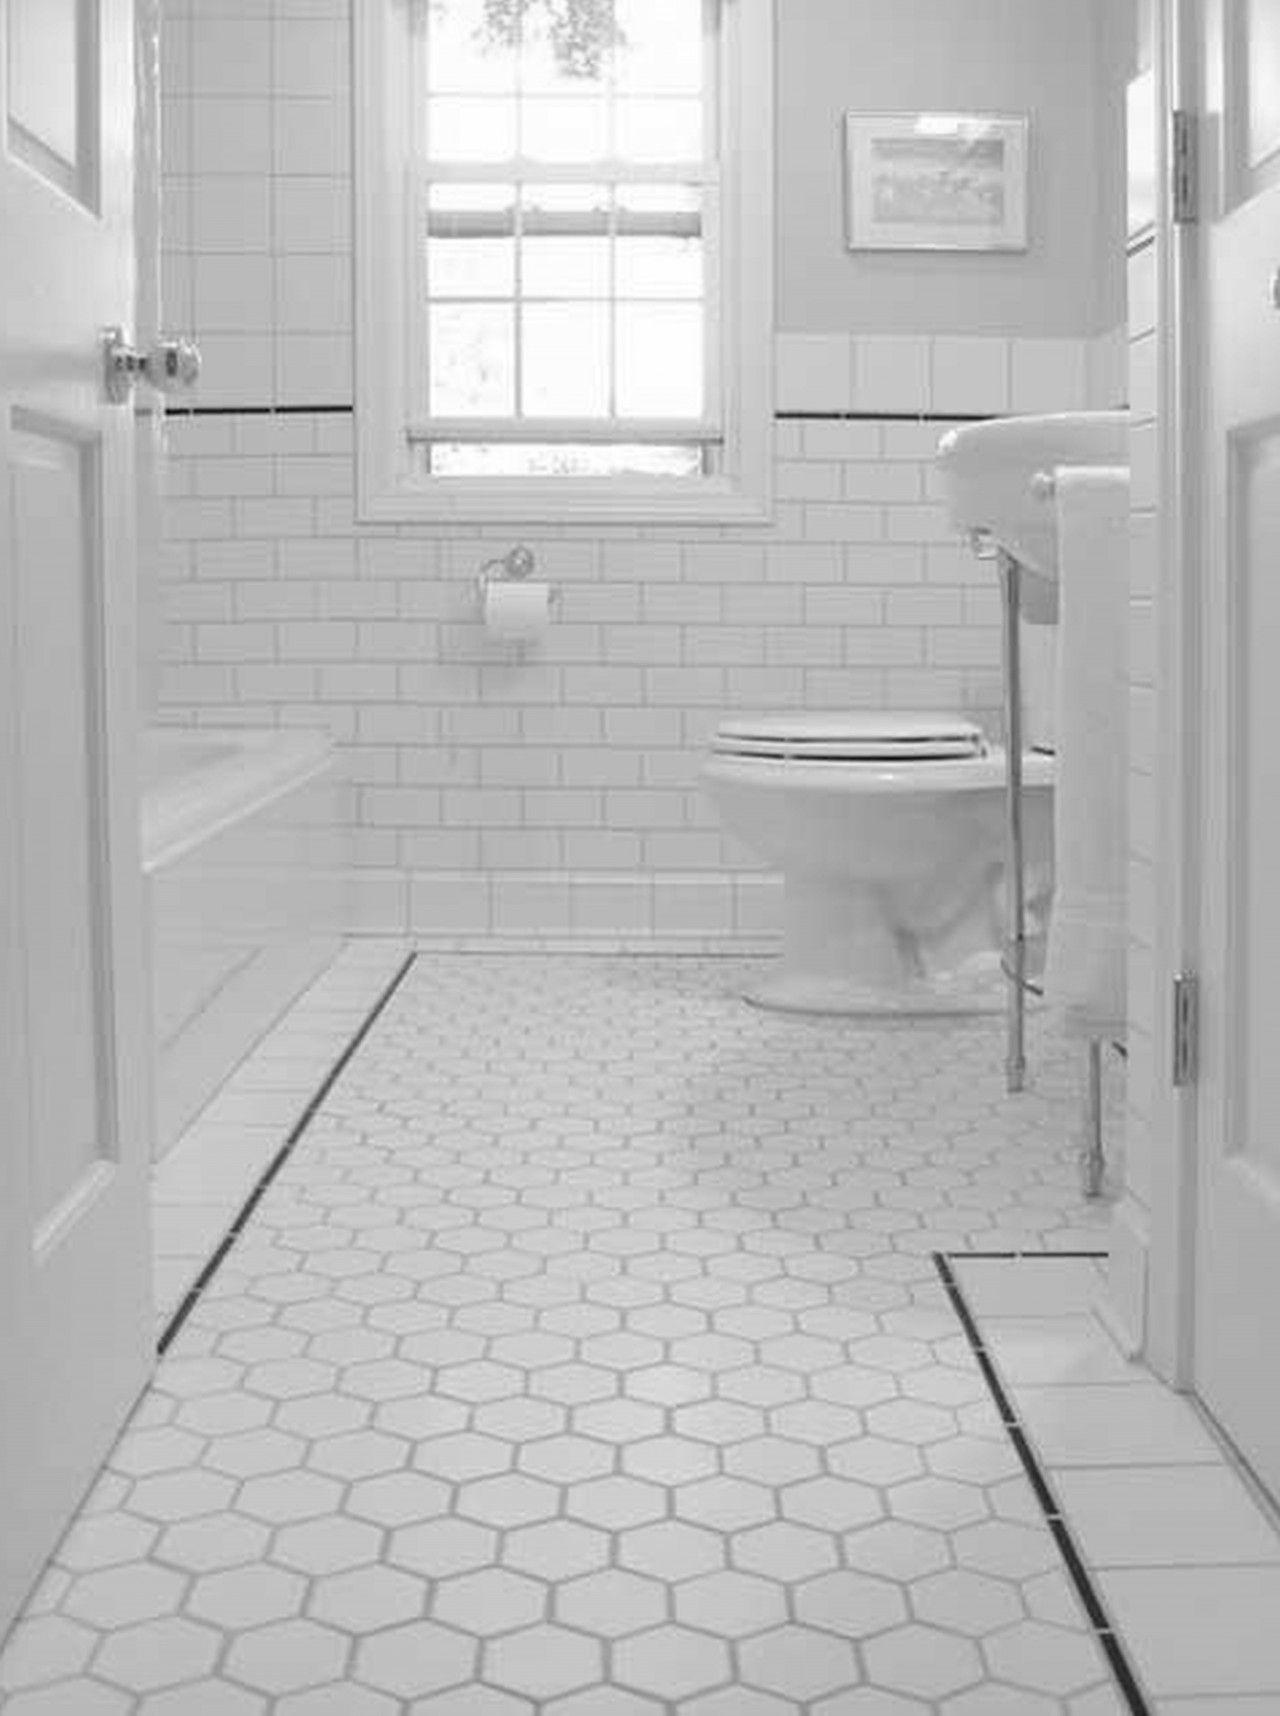 Vintage black and white bathroom ideas - Archaic Bathroom Floor Tile Ideas Architecture Fair Nice Bathrooms Picturesque Color Mixture Bathroom Floor Tile